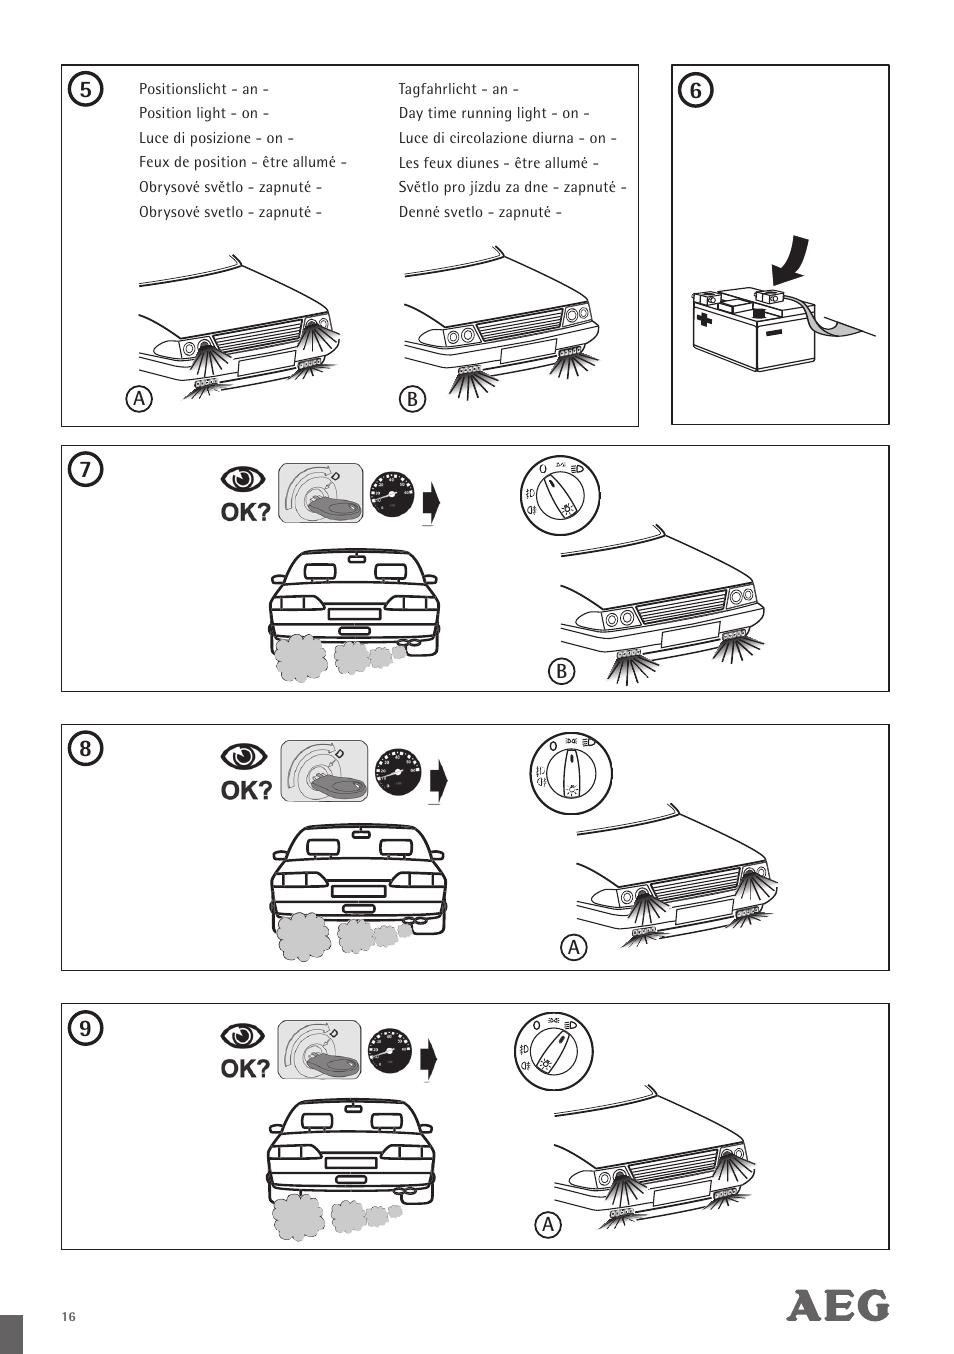 No Running Lights Manual Guide